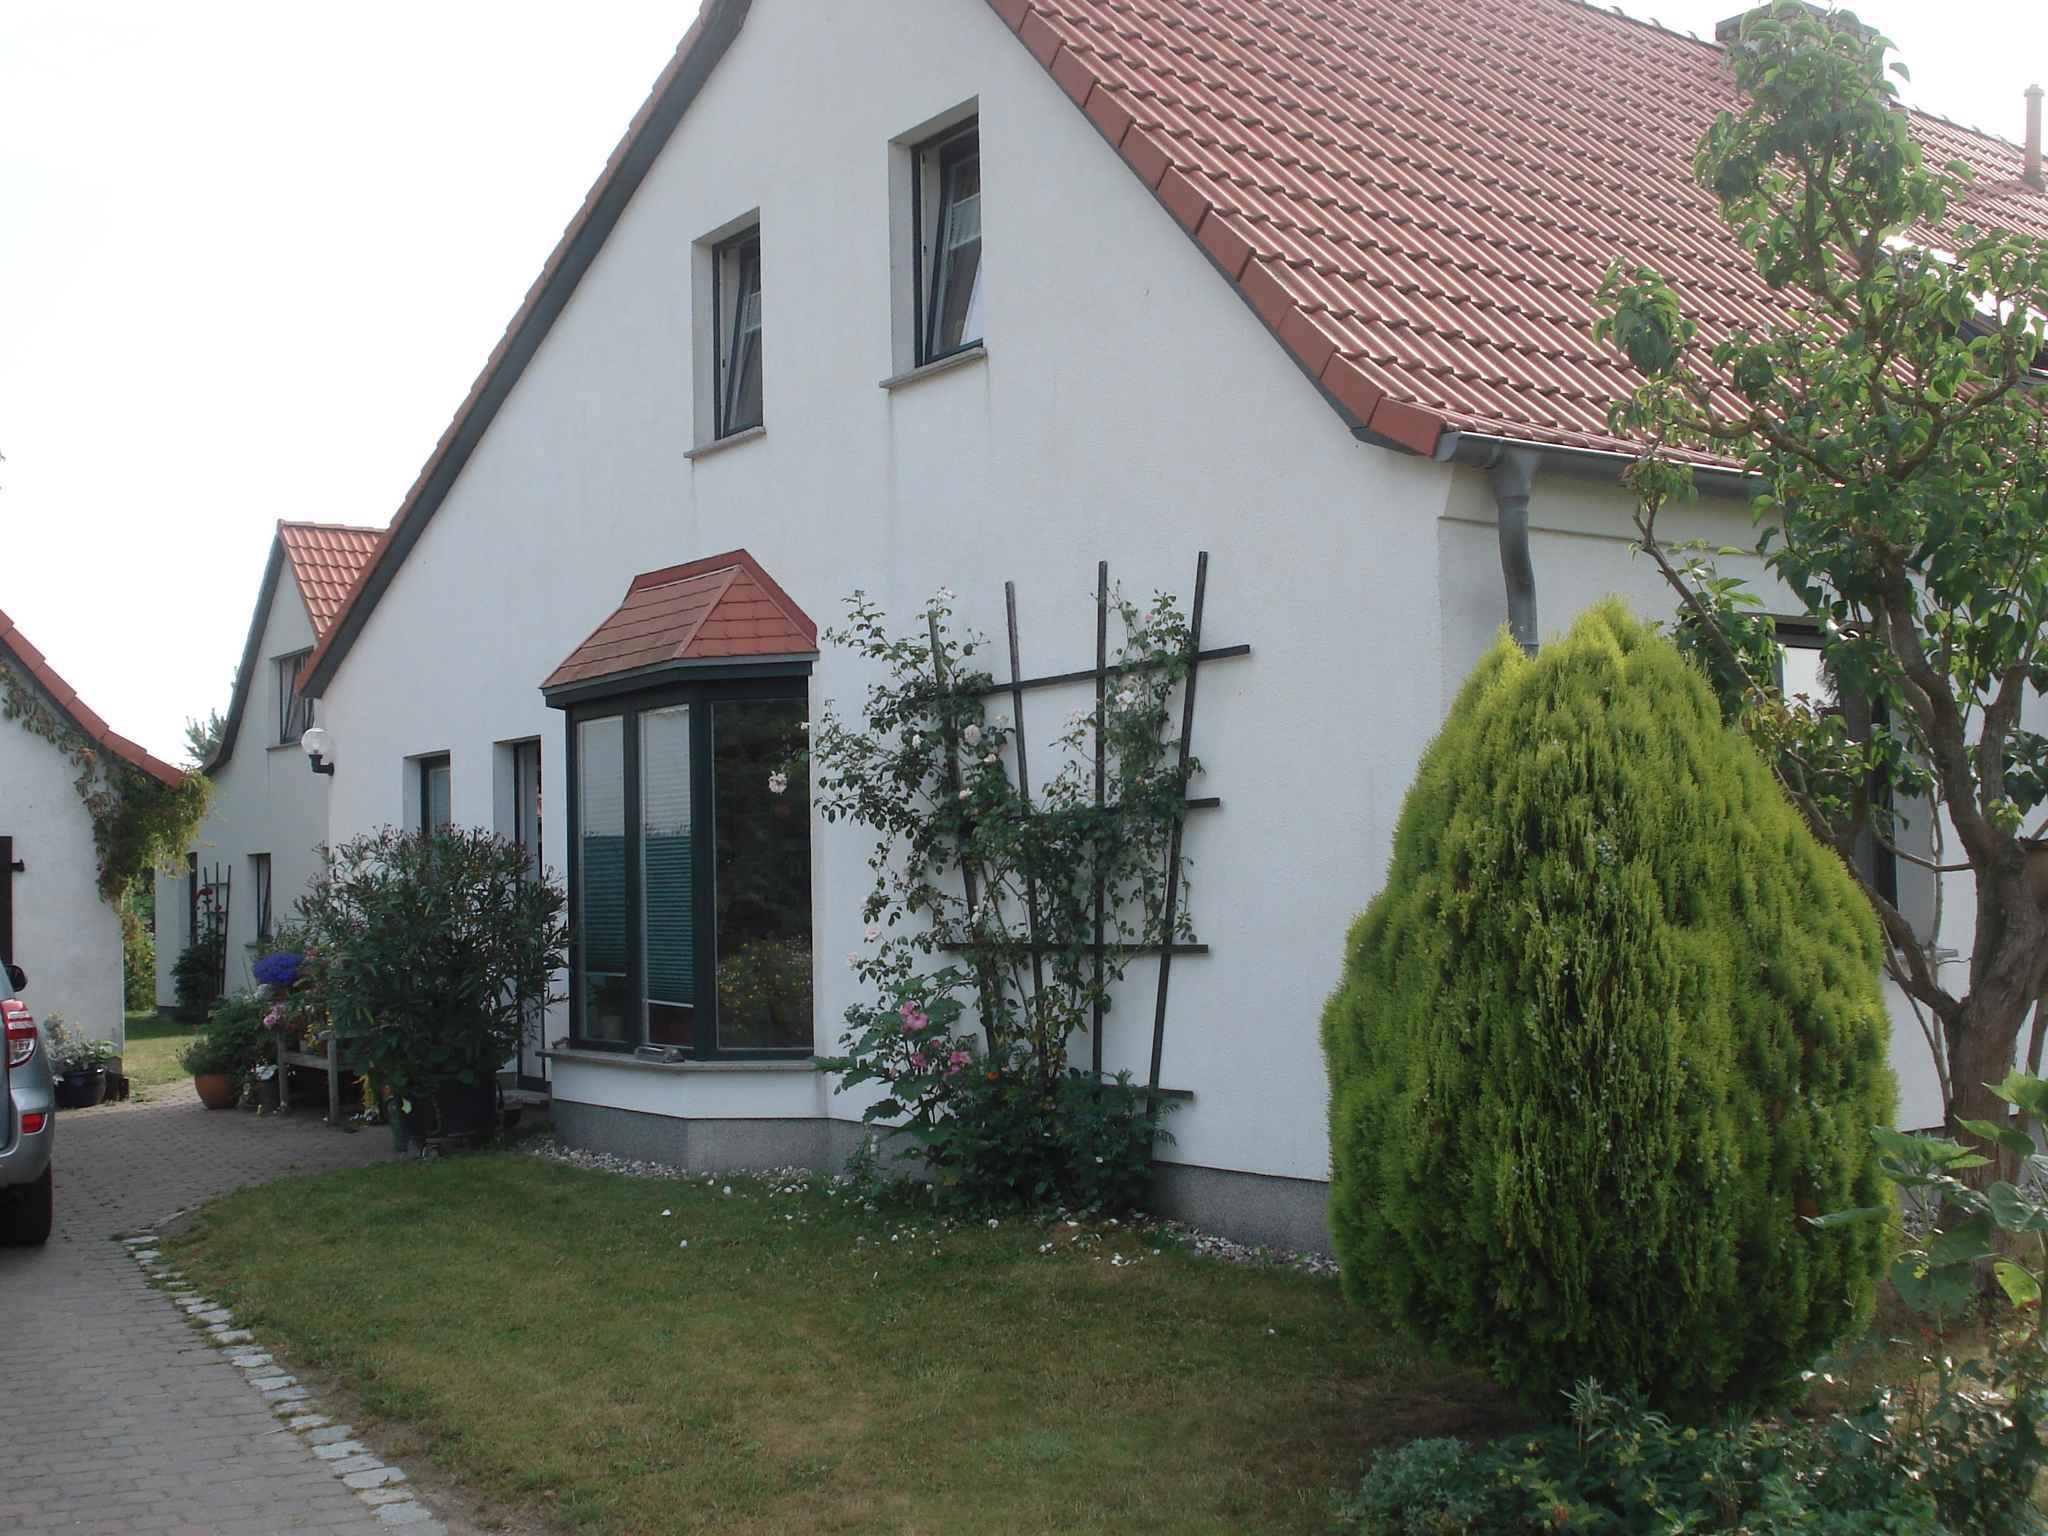 Ferienhaus mit Garten und Terrasse, 800 m zum Strand (314511), Gustow, Rügen, Mecklenburg-Vorpommern, Deutschland, Bild 1